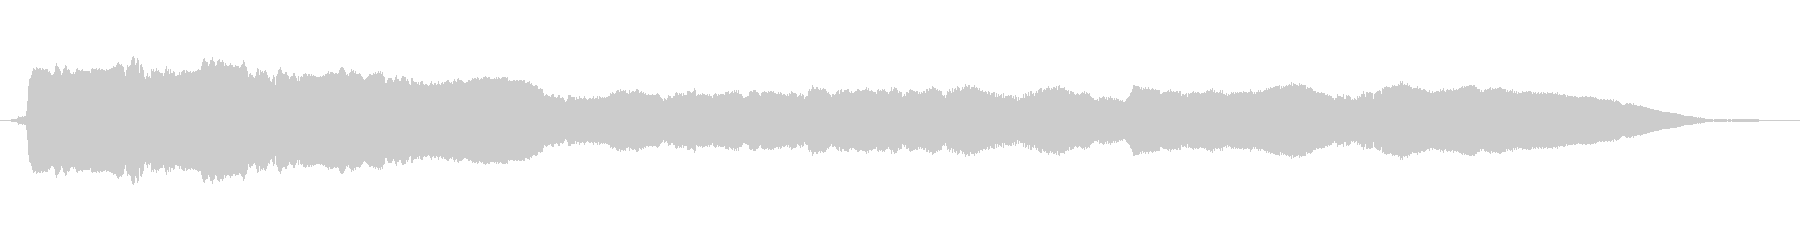 アヒルのアヒル:スライドホイッスル...の未再生の波形